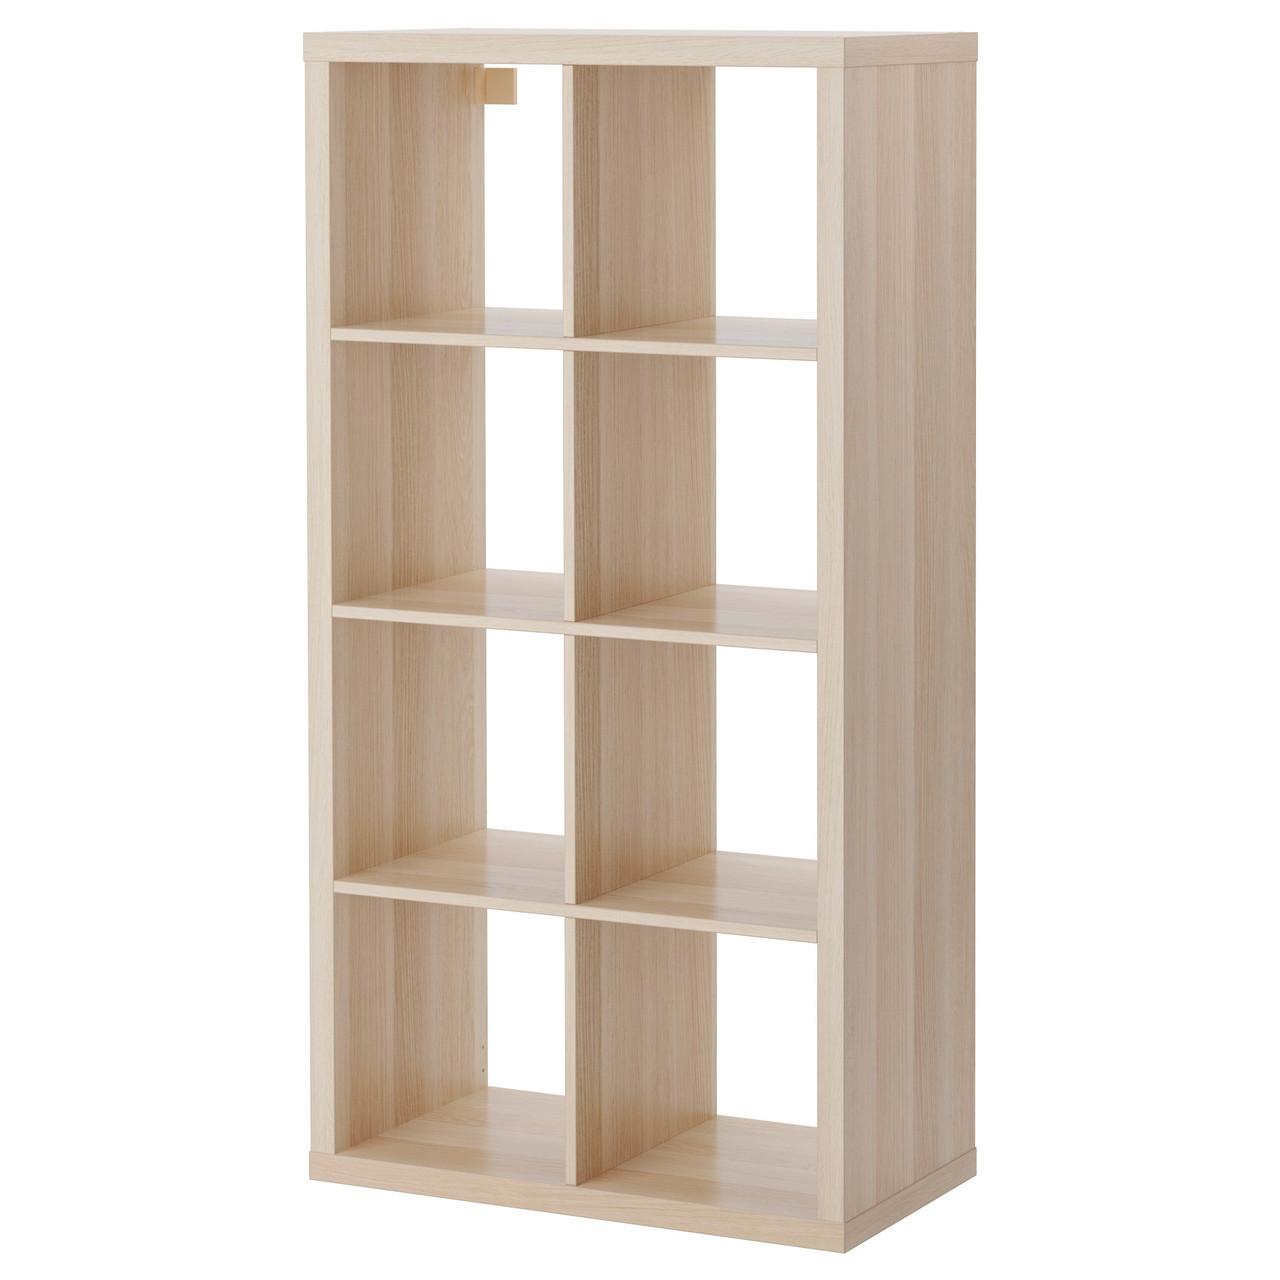 KALLAX Книжный шкаф, под беленый дуб 003.245.18